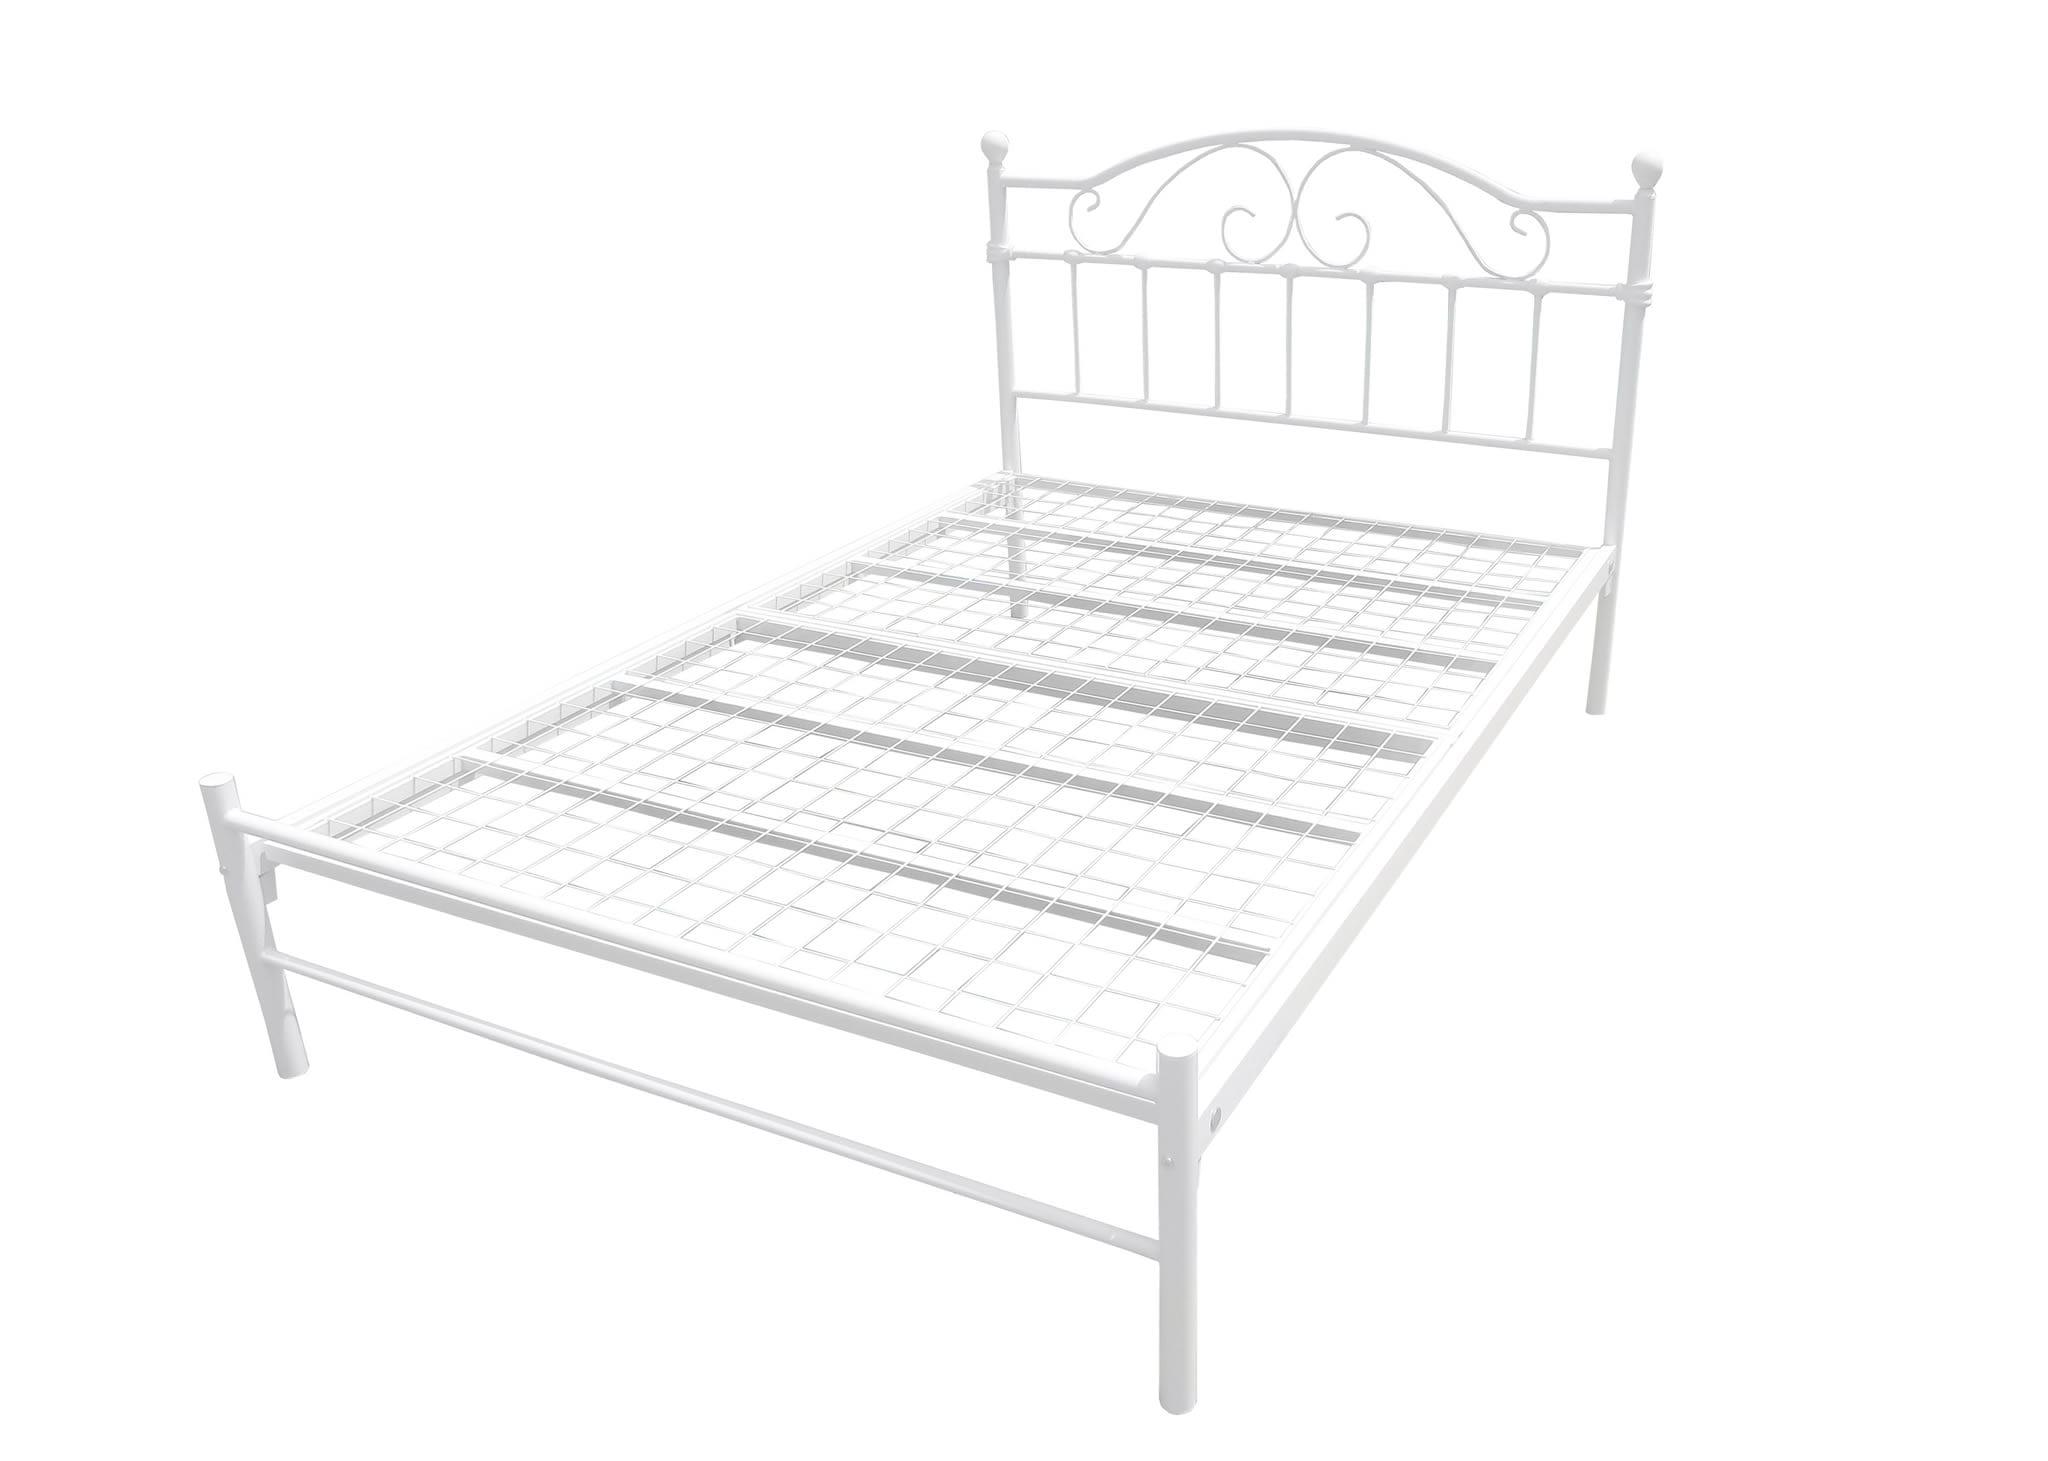 Susmesh Bed Frame